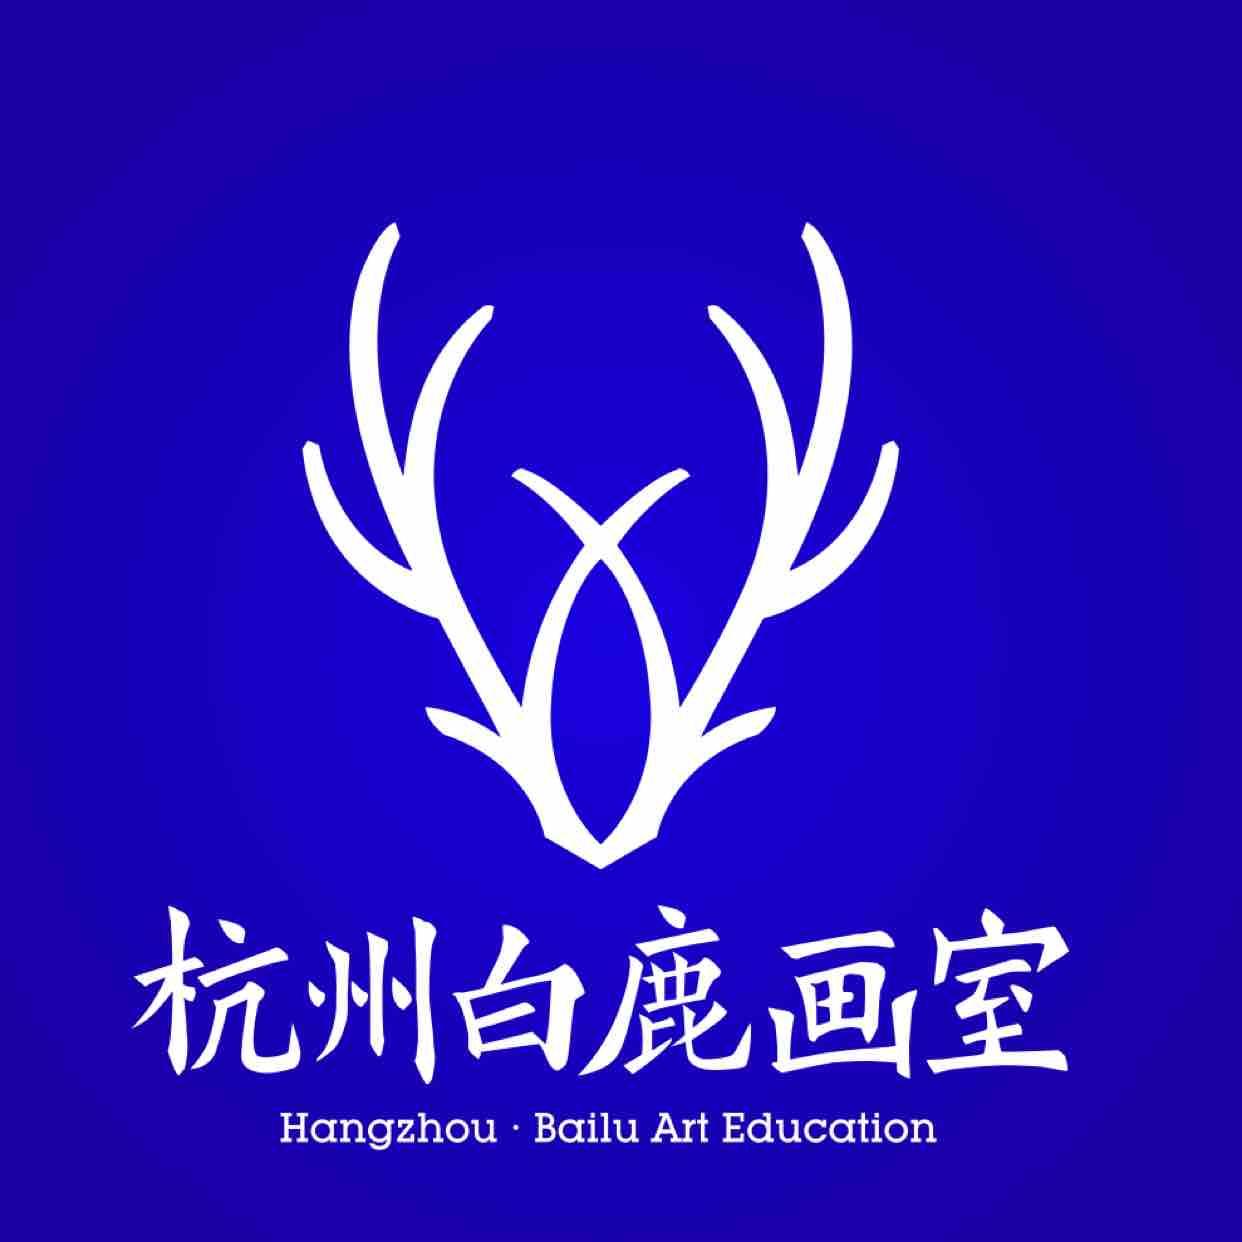 杭州白鹿林开新